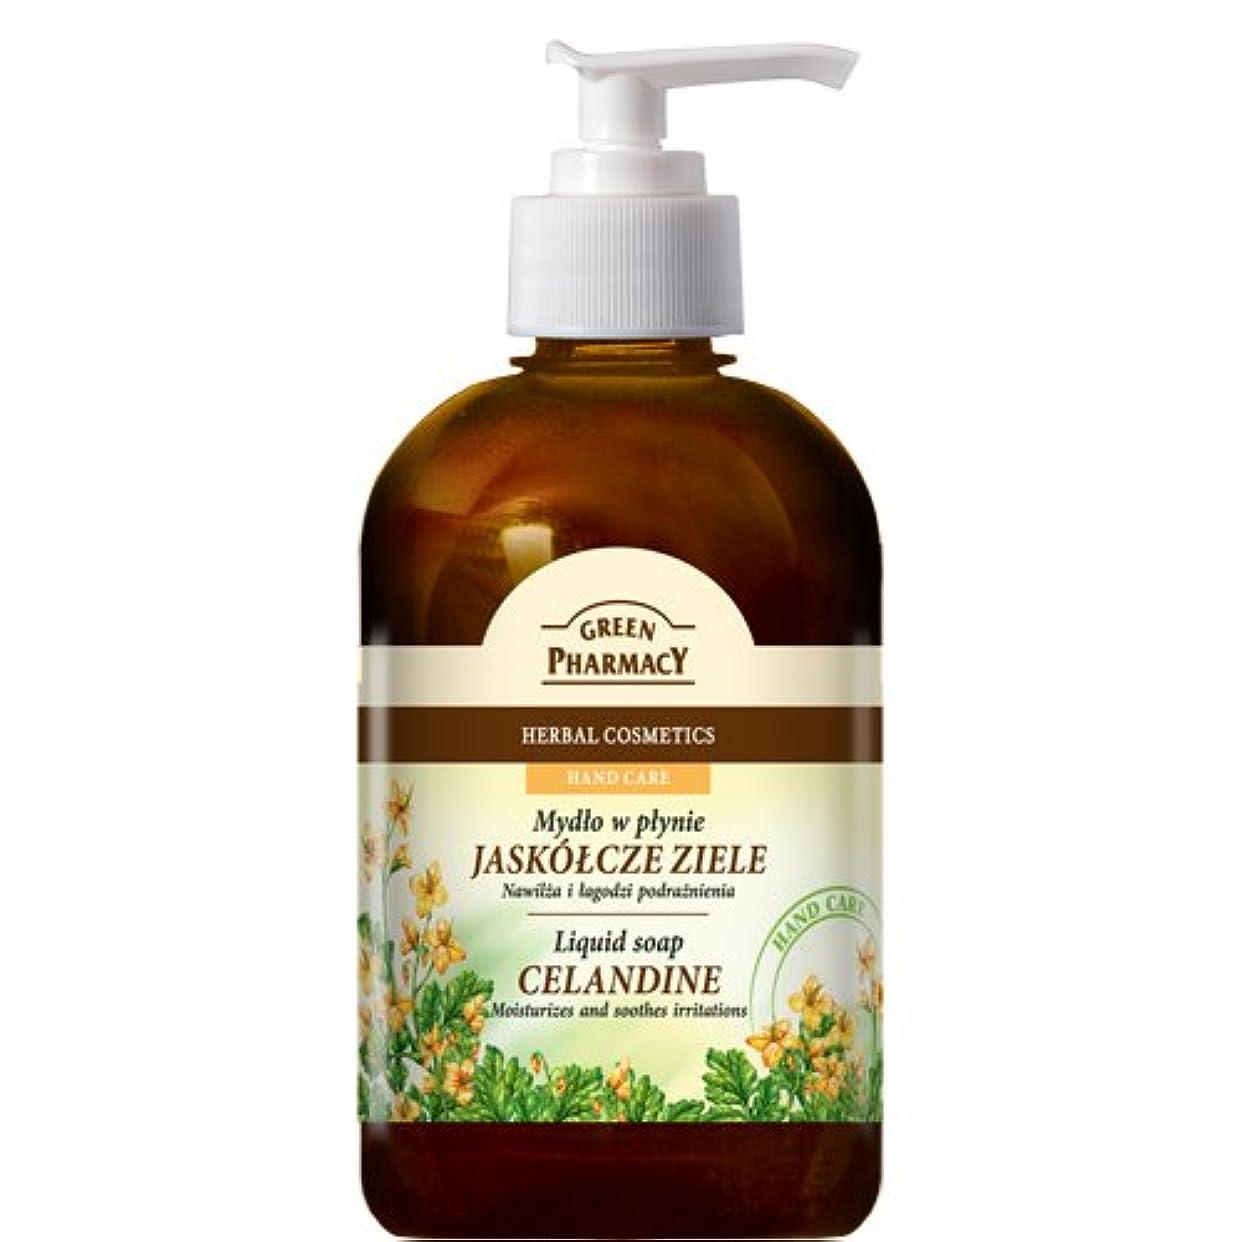 フェザーきちんとした舗装するElfa Pharm Green Pharmacy グリーンファーマシー Liquid Soap リキッドソープ Celandine クサノオウ